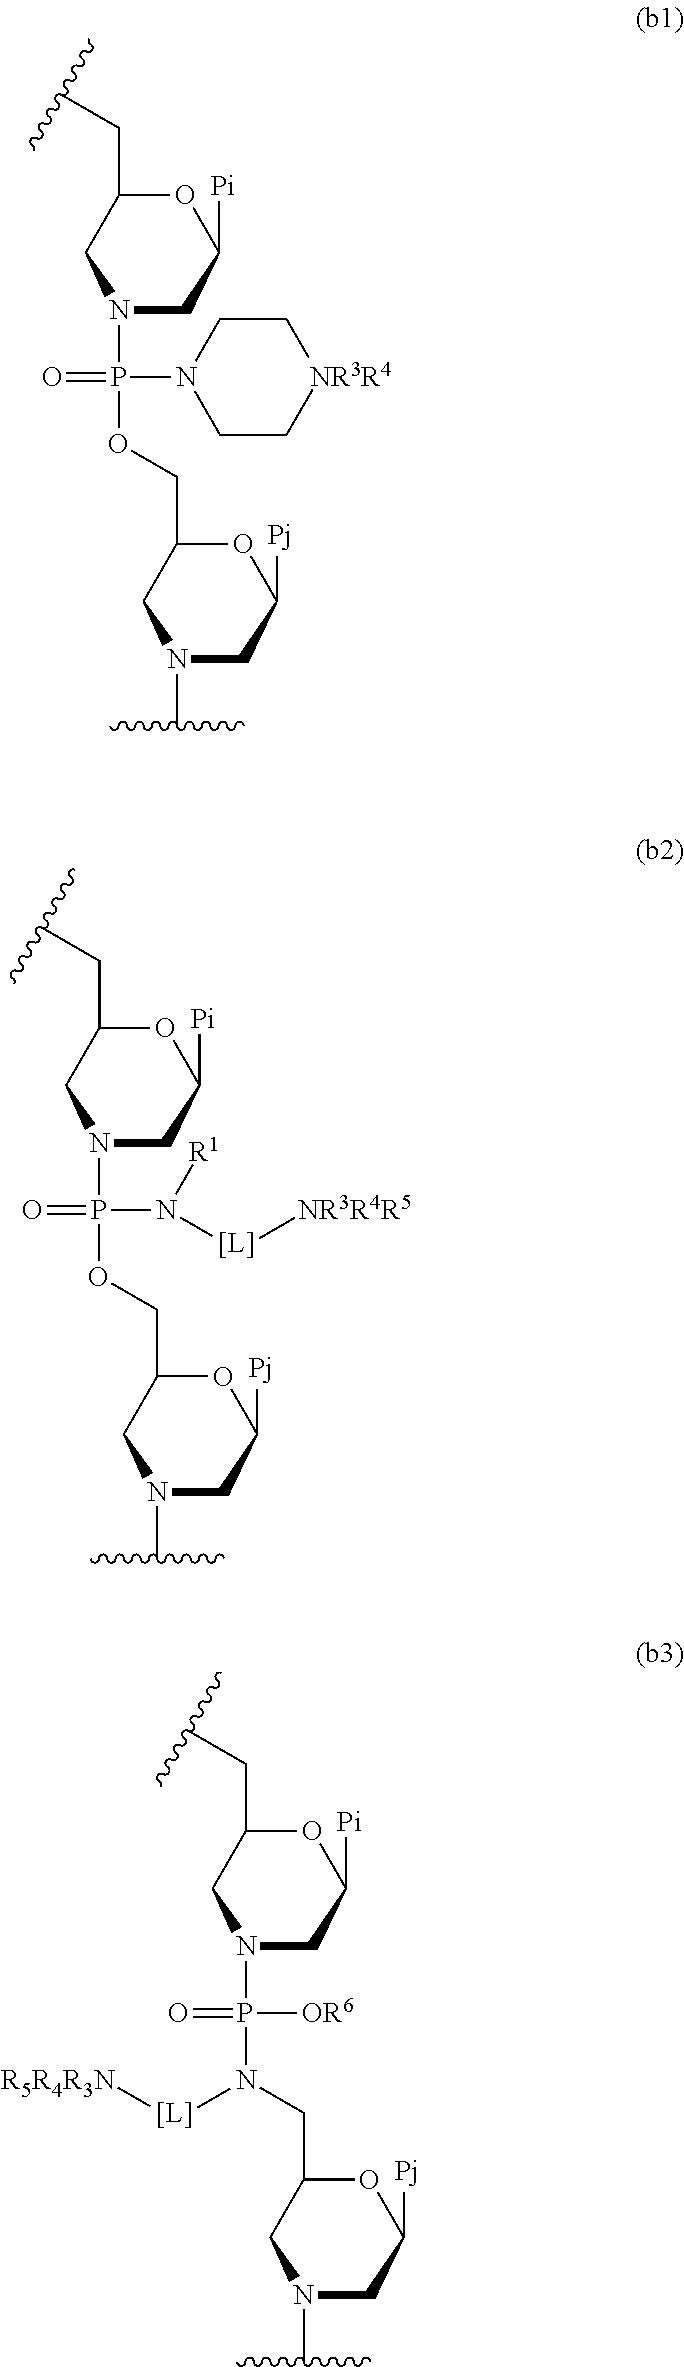 Figure US08865883-20141021-C00004